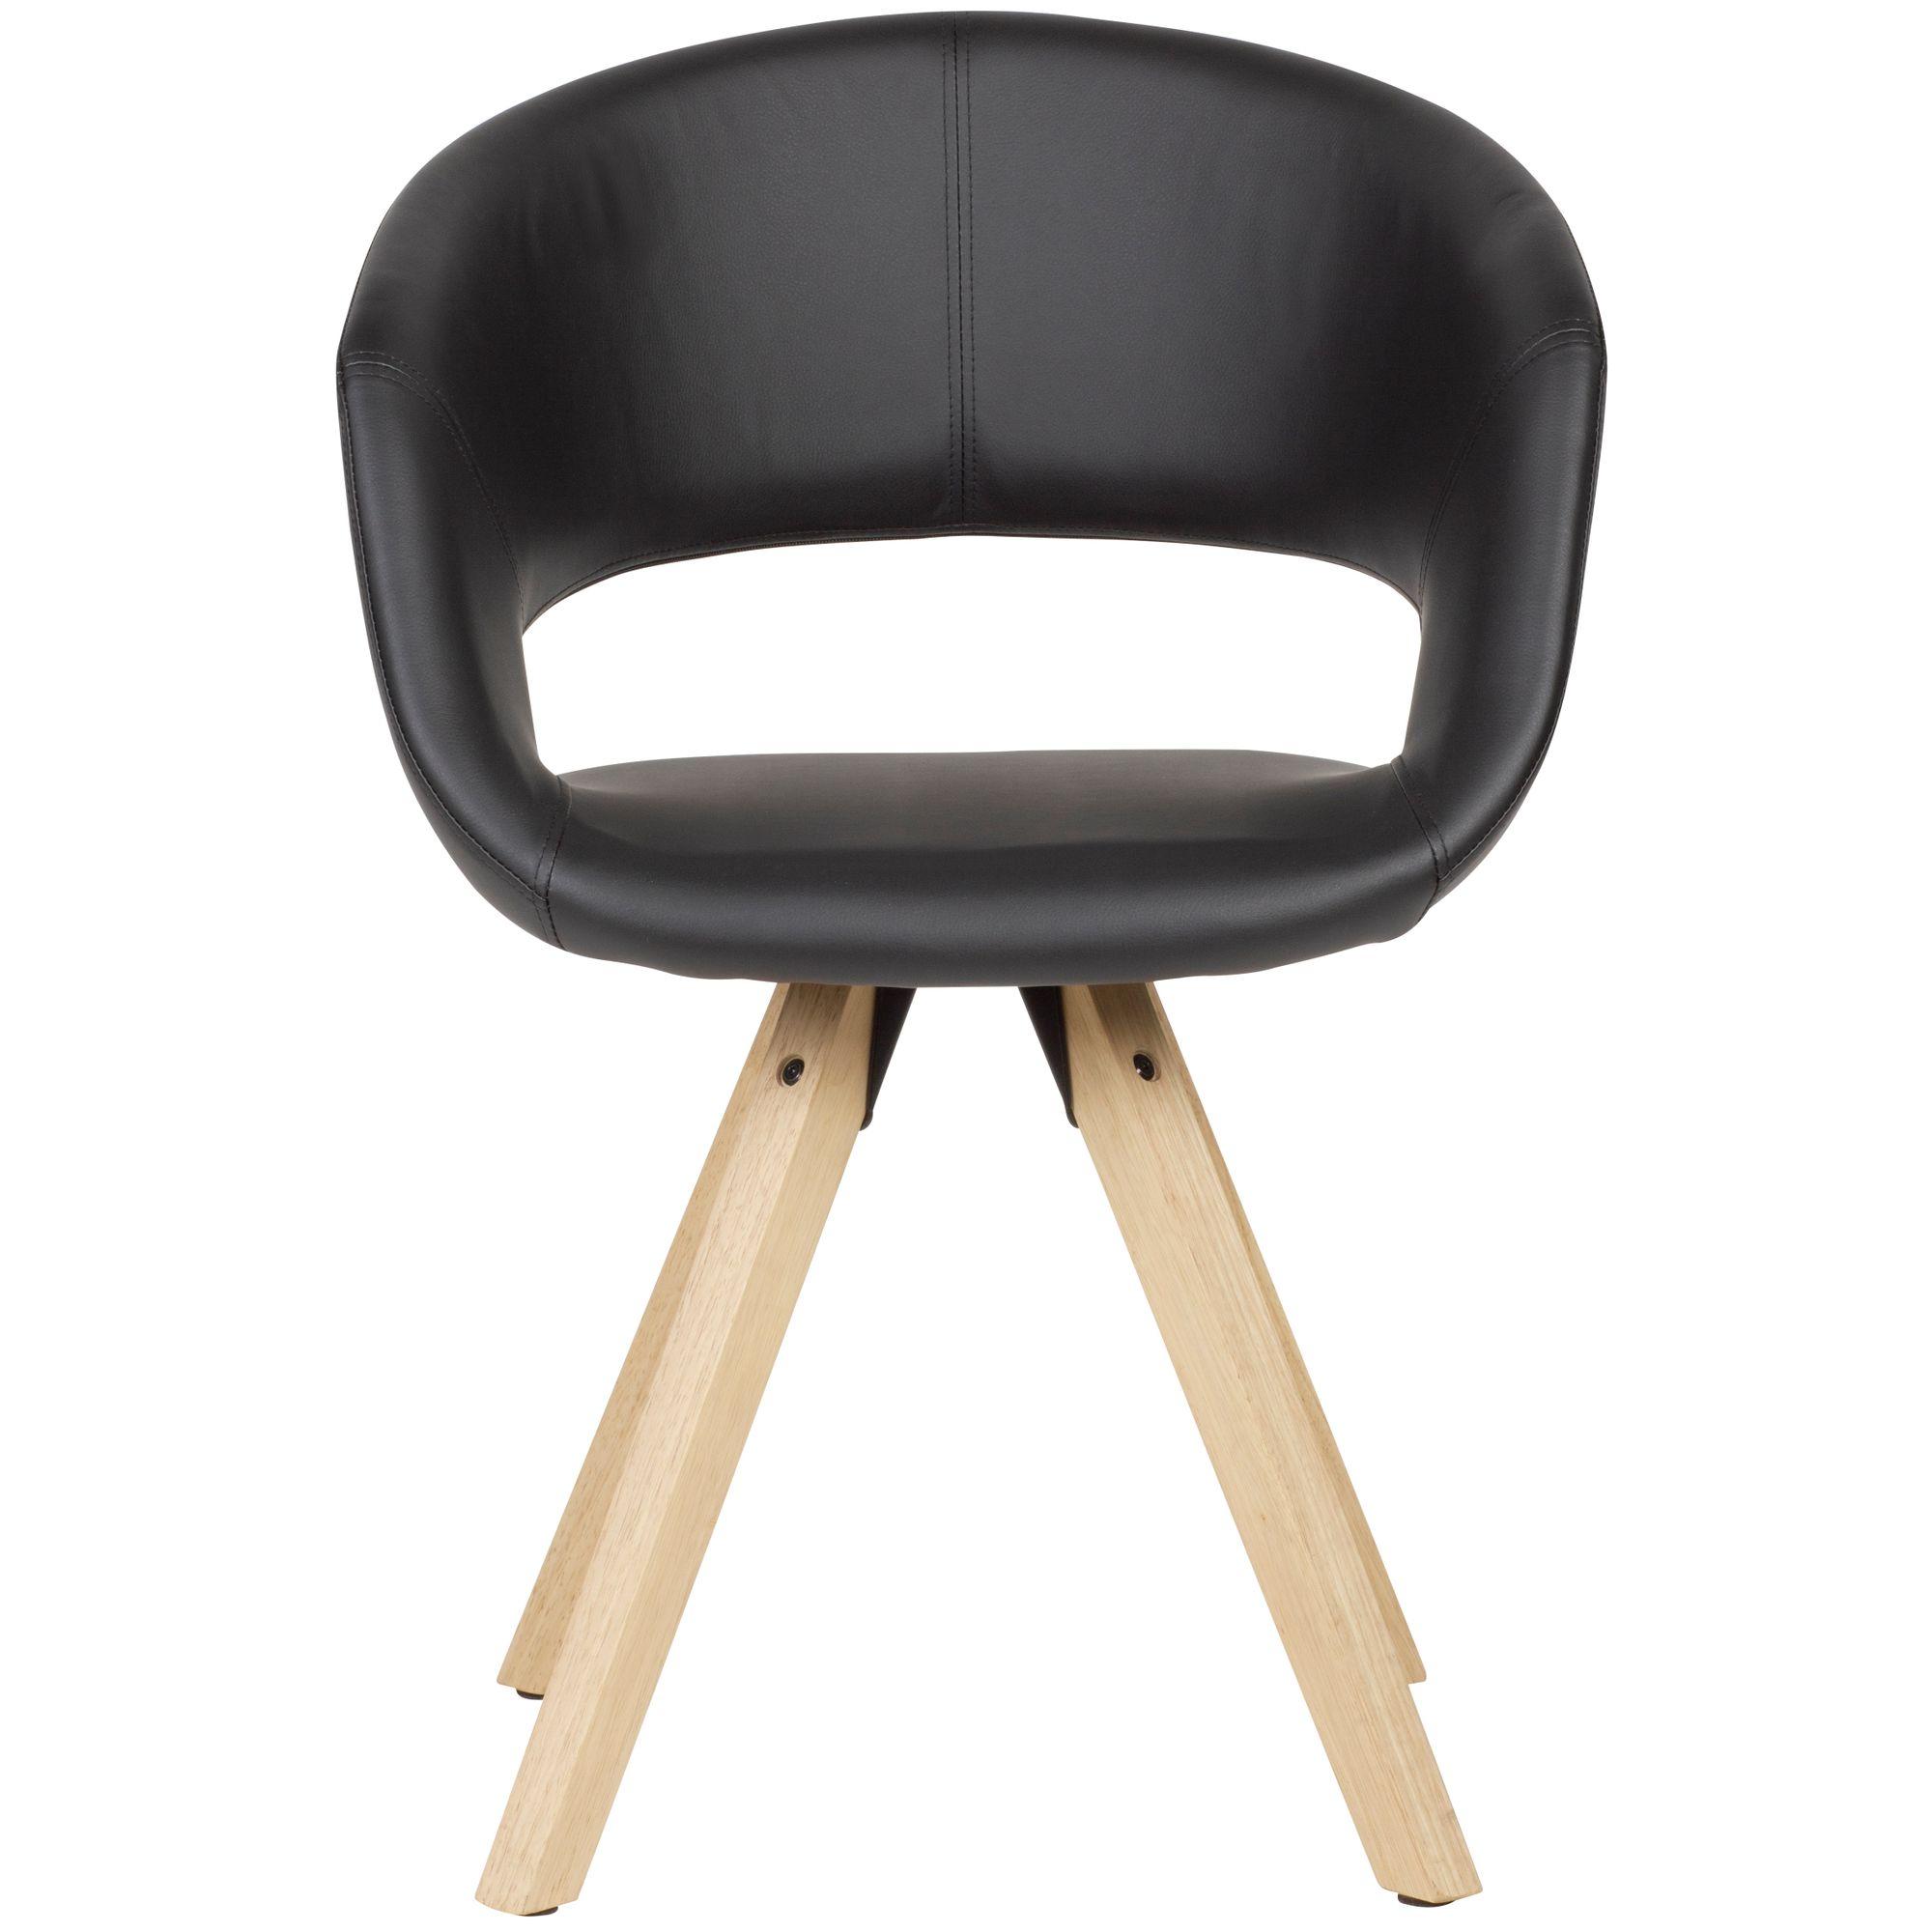 WOHNLING Esszimmerstuhl Schwarz Kunstleder Massivholz Retro | Küchenstuhl mit Lehne | Stuhl mit Holzfüßen | Polsterstuhl Maximalbelastbarkeit 110 kg